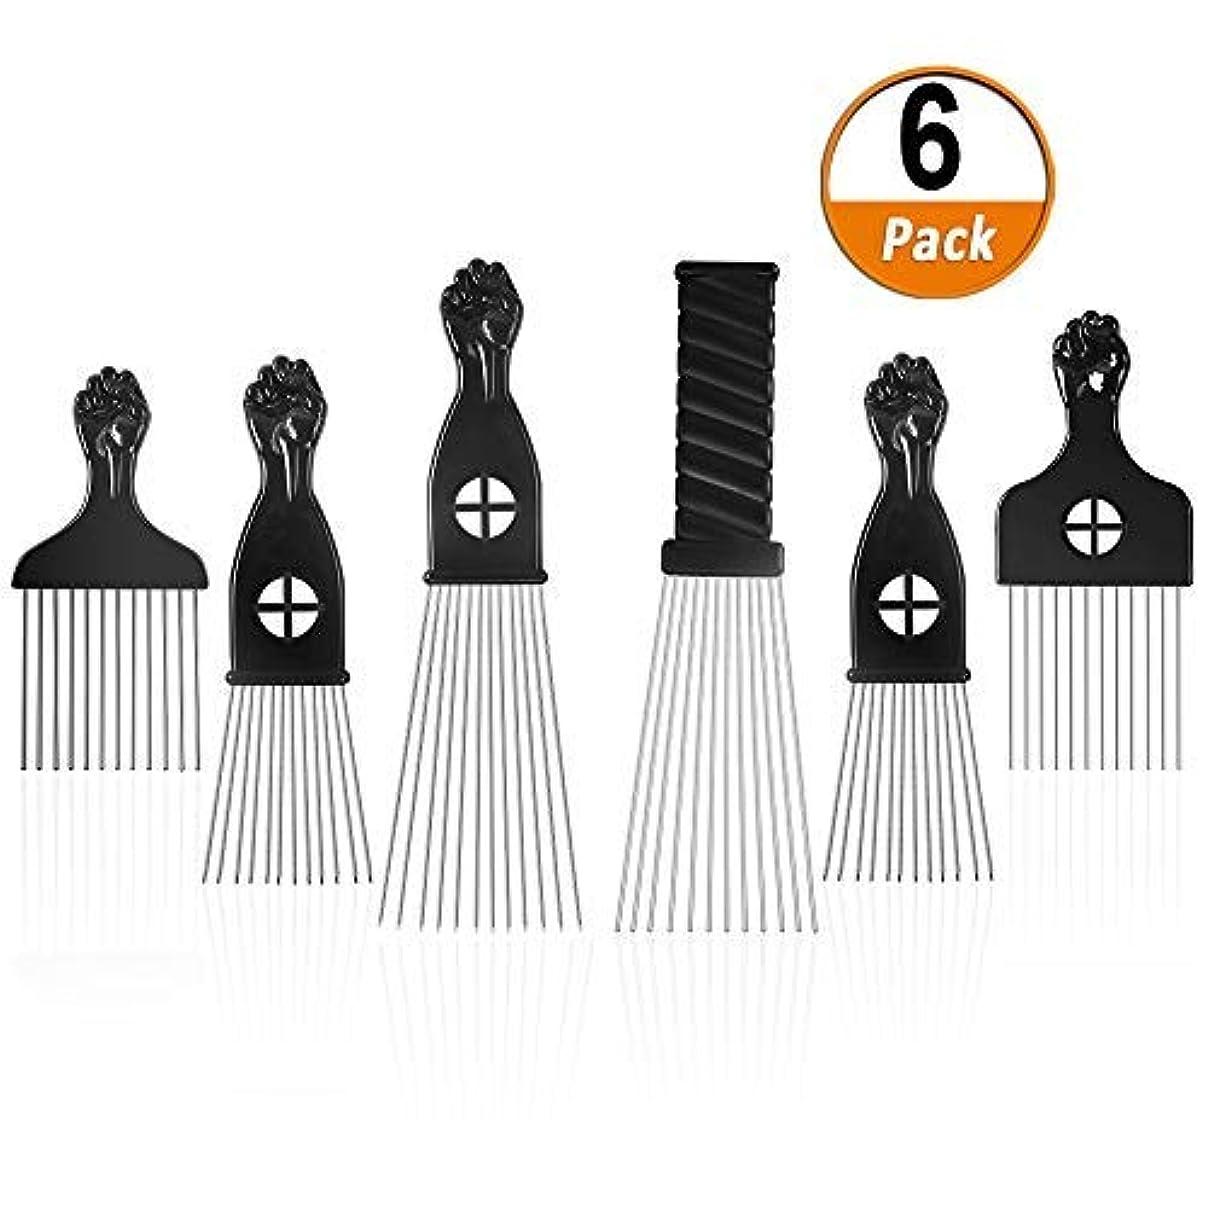 サロン画家卒業記念アルバムAfro Pick 6 Pack Metal African American Afro Hair Comb Hairdressing Styling Tool Hair Pick with Black Fist [並行輸入品]